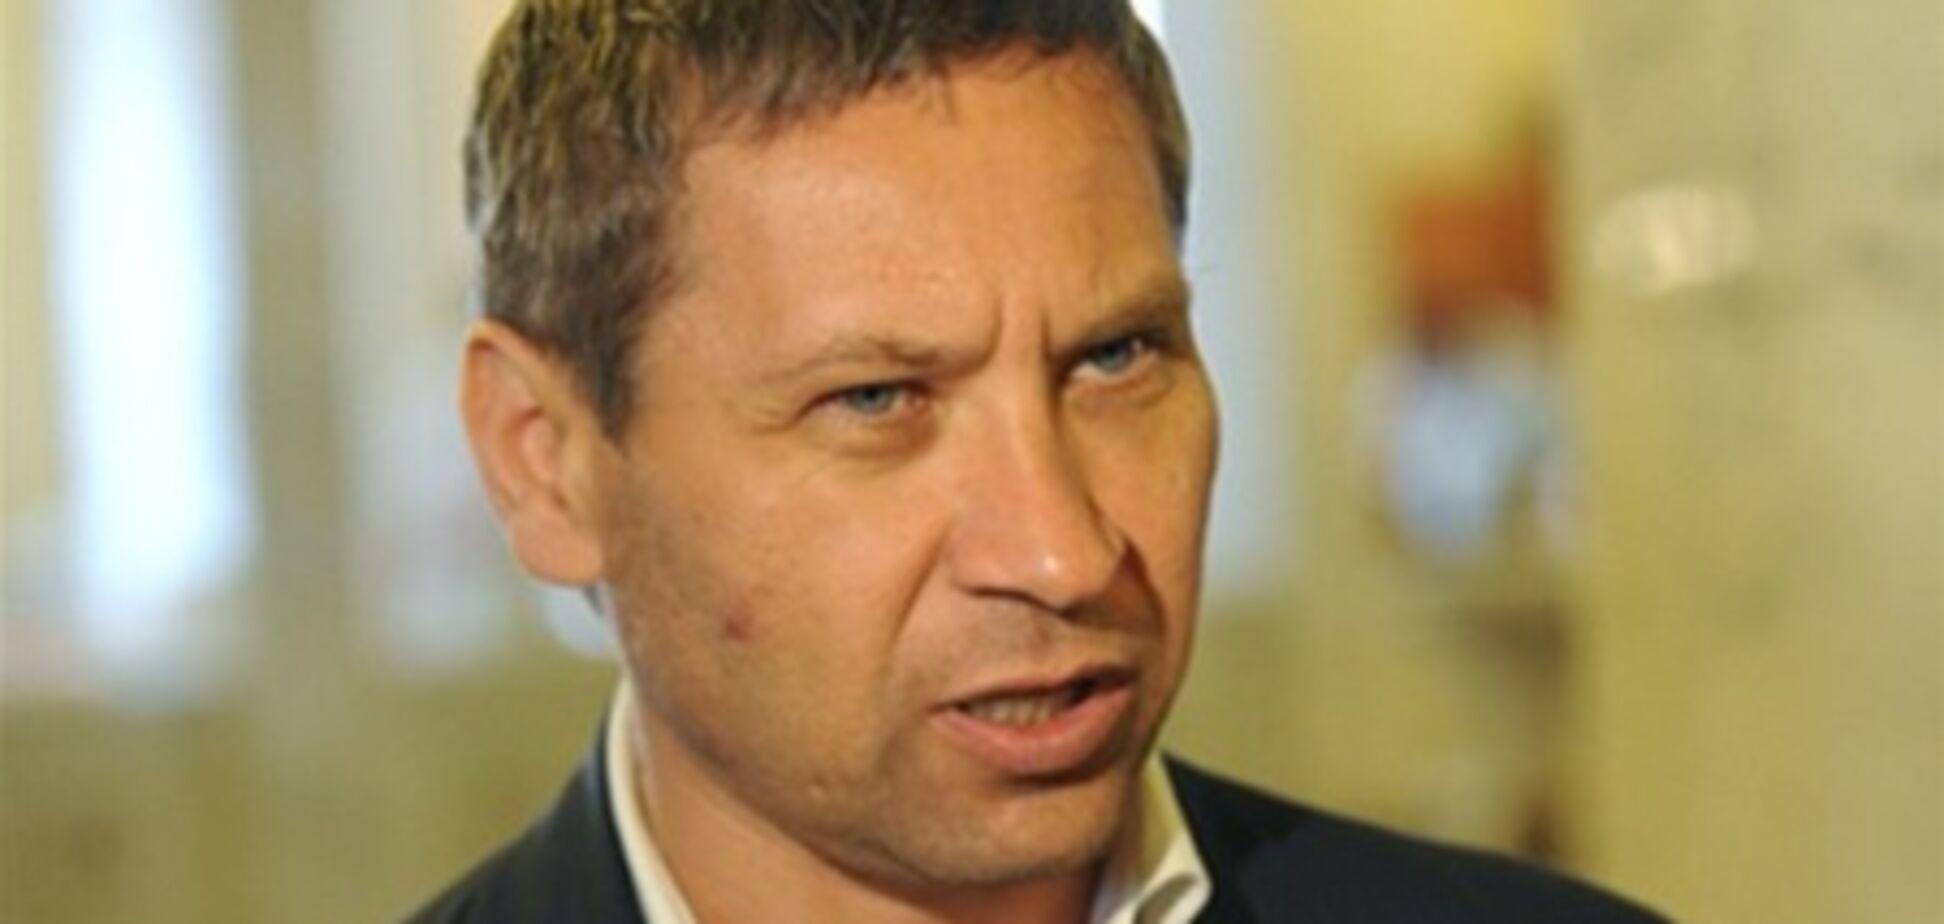 Регионал жалуется, что нардепам не хватает денег на встречи с избирателями